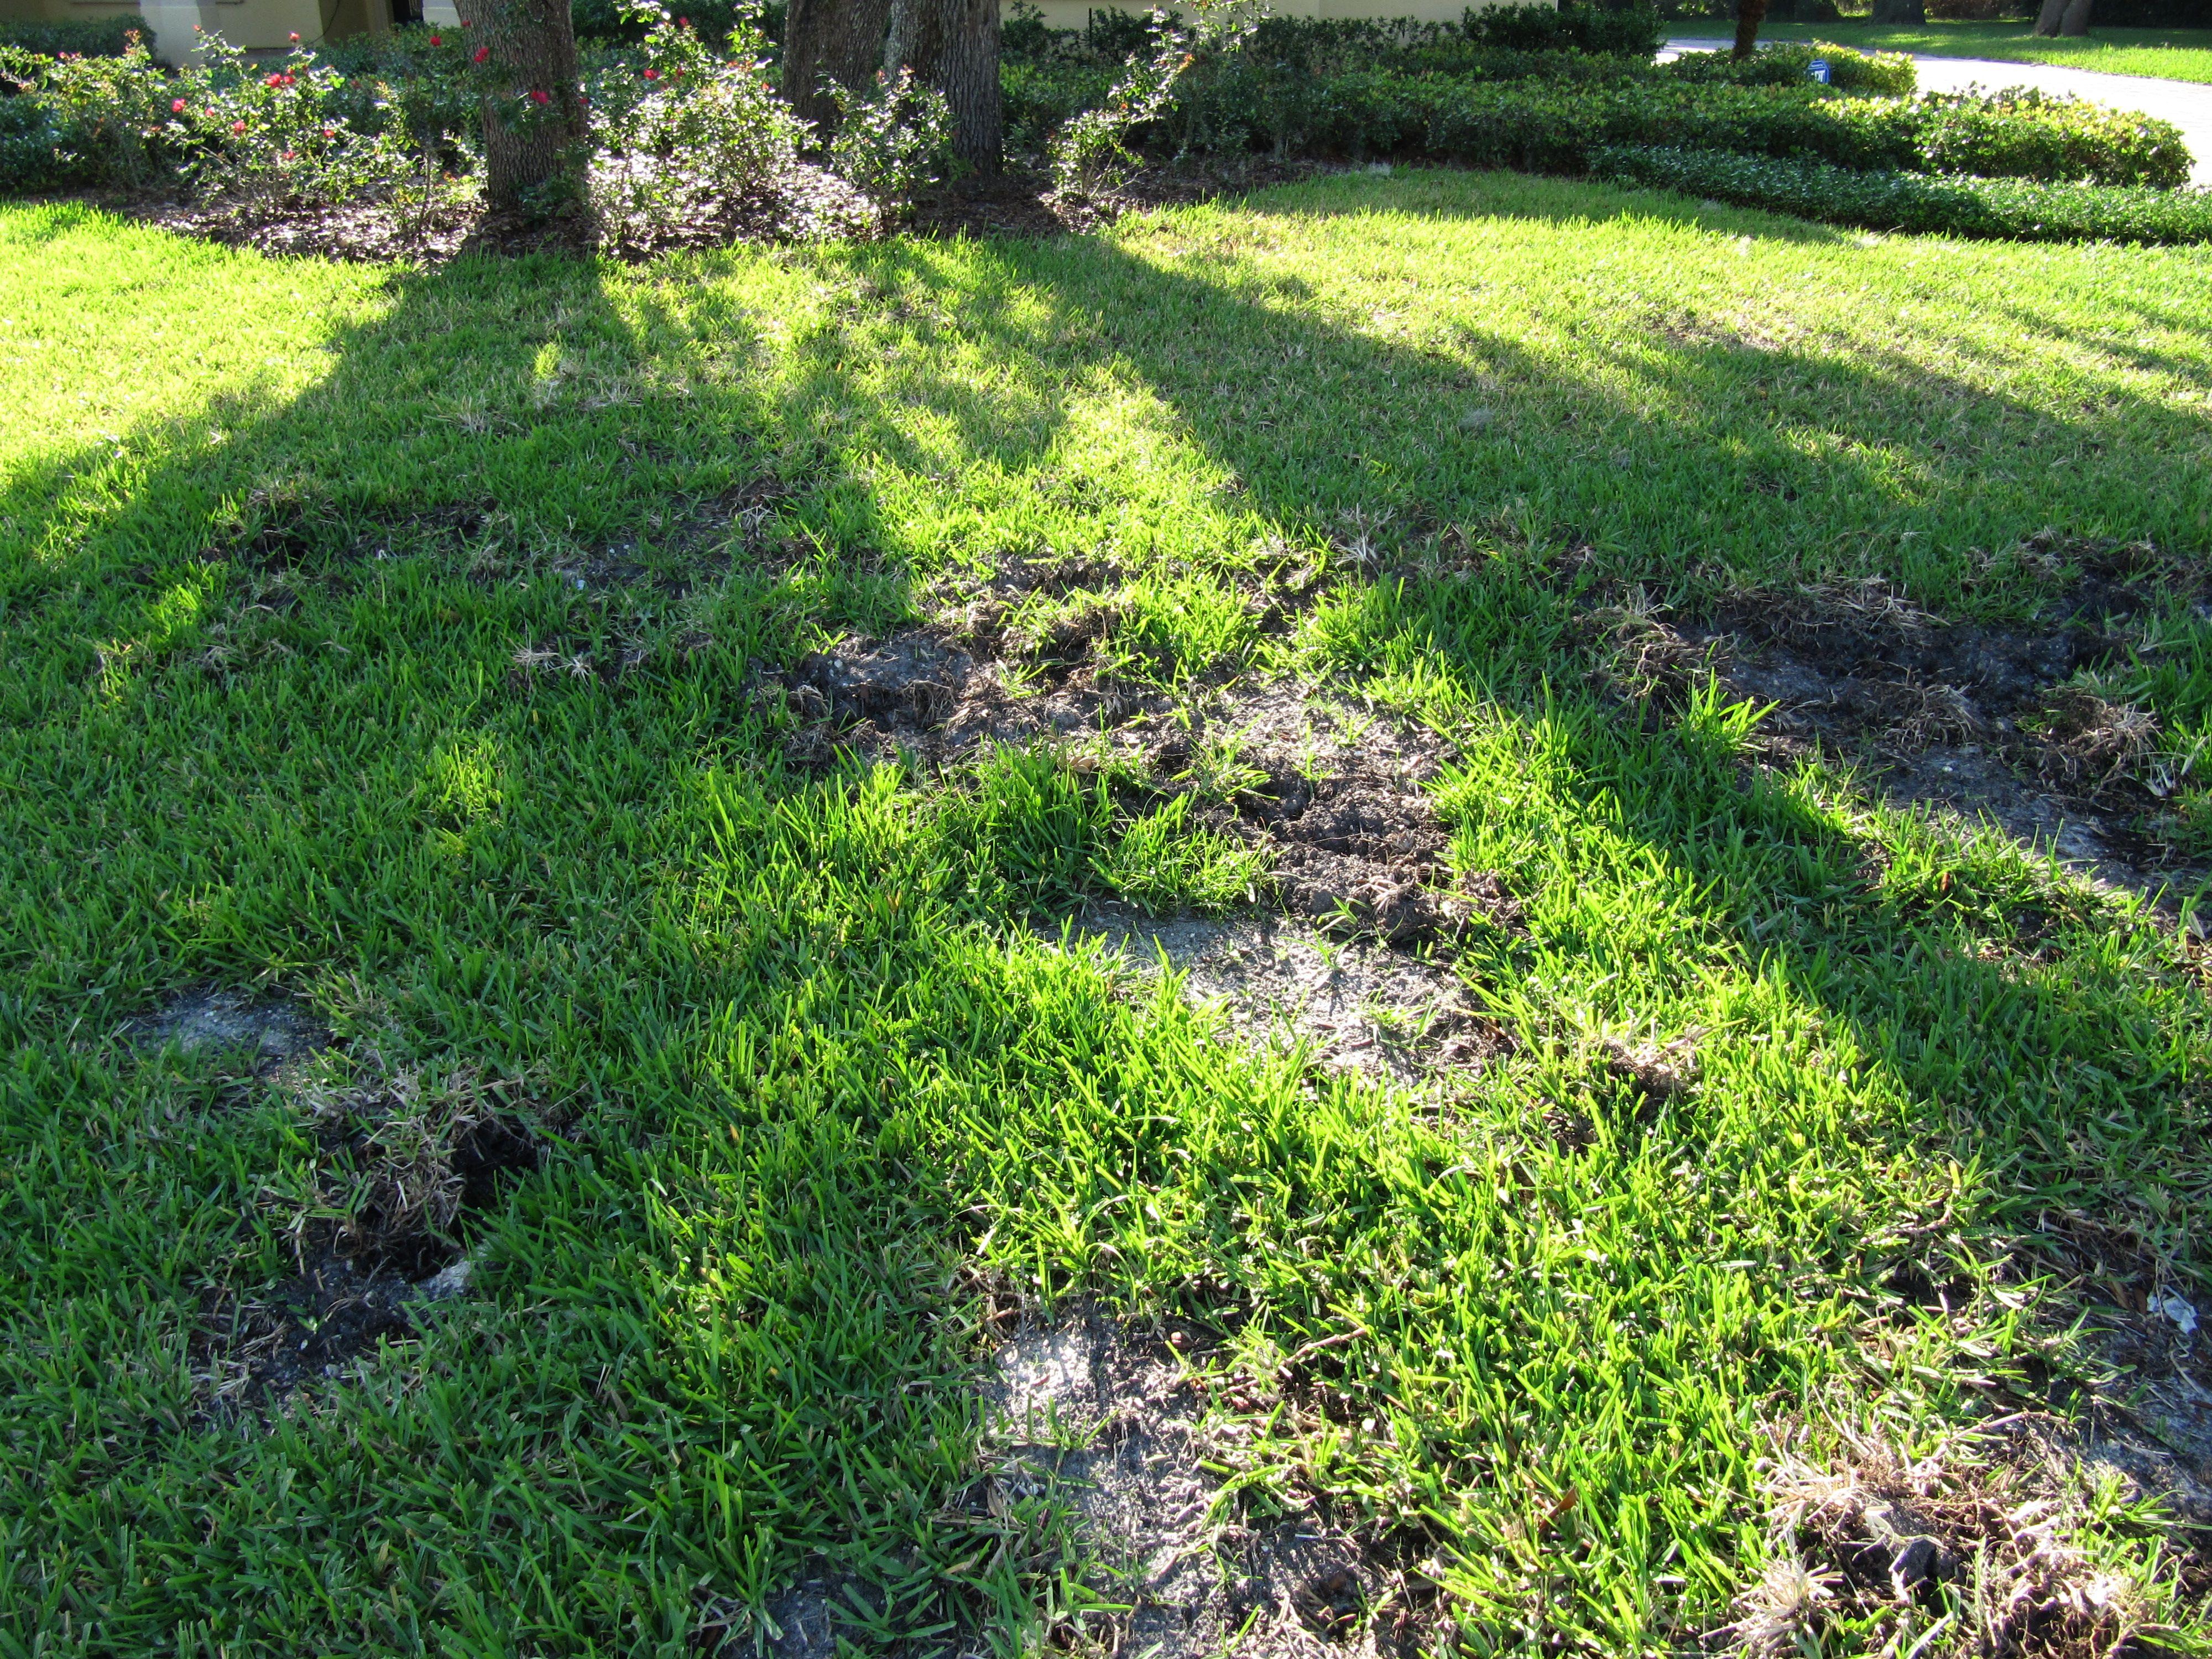 Wild pig damage in St Augustine grass lawn.